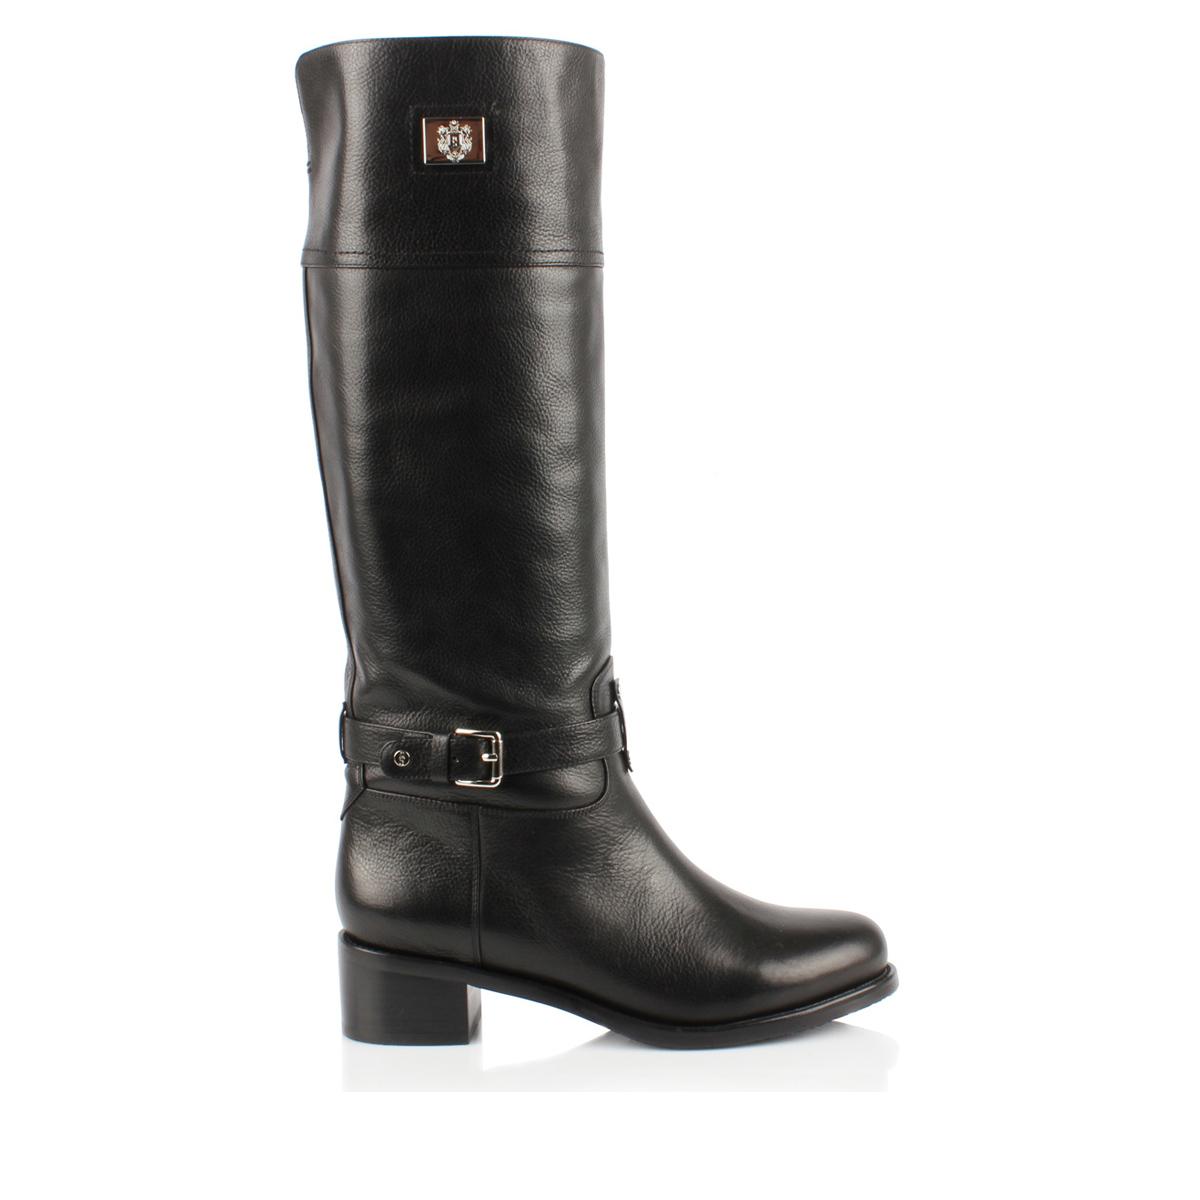 Як вибрати зимові жіночі чоботи   475410695ce5c